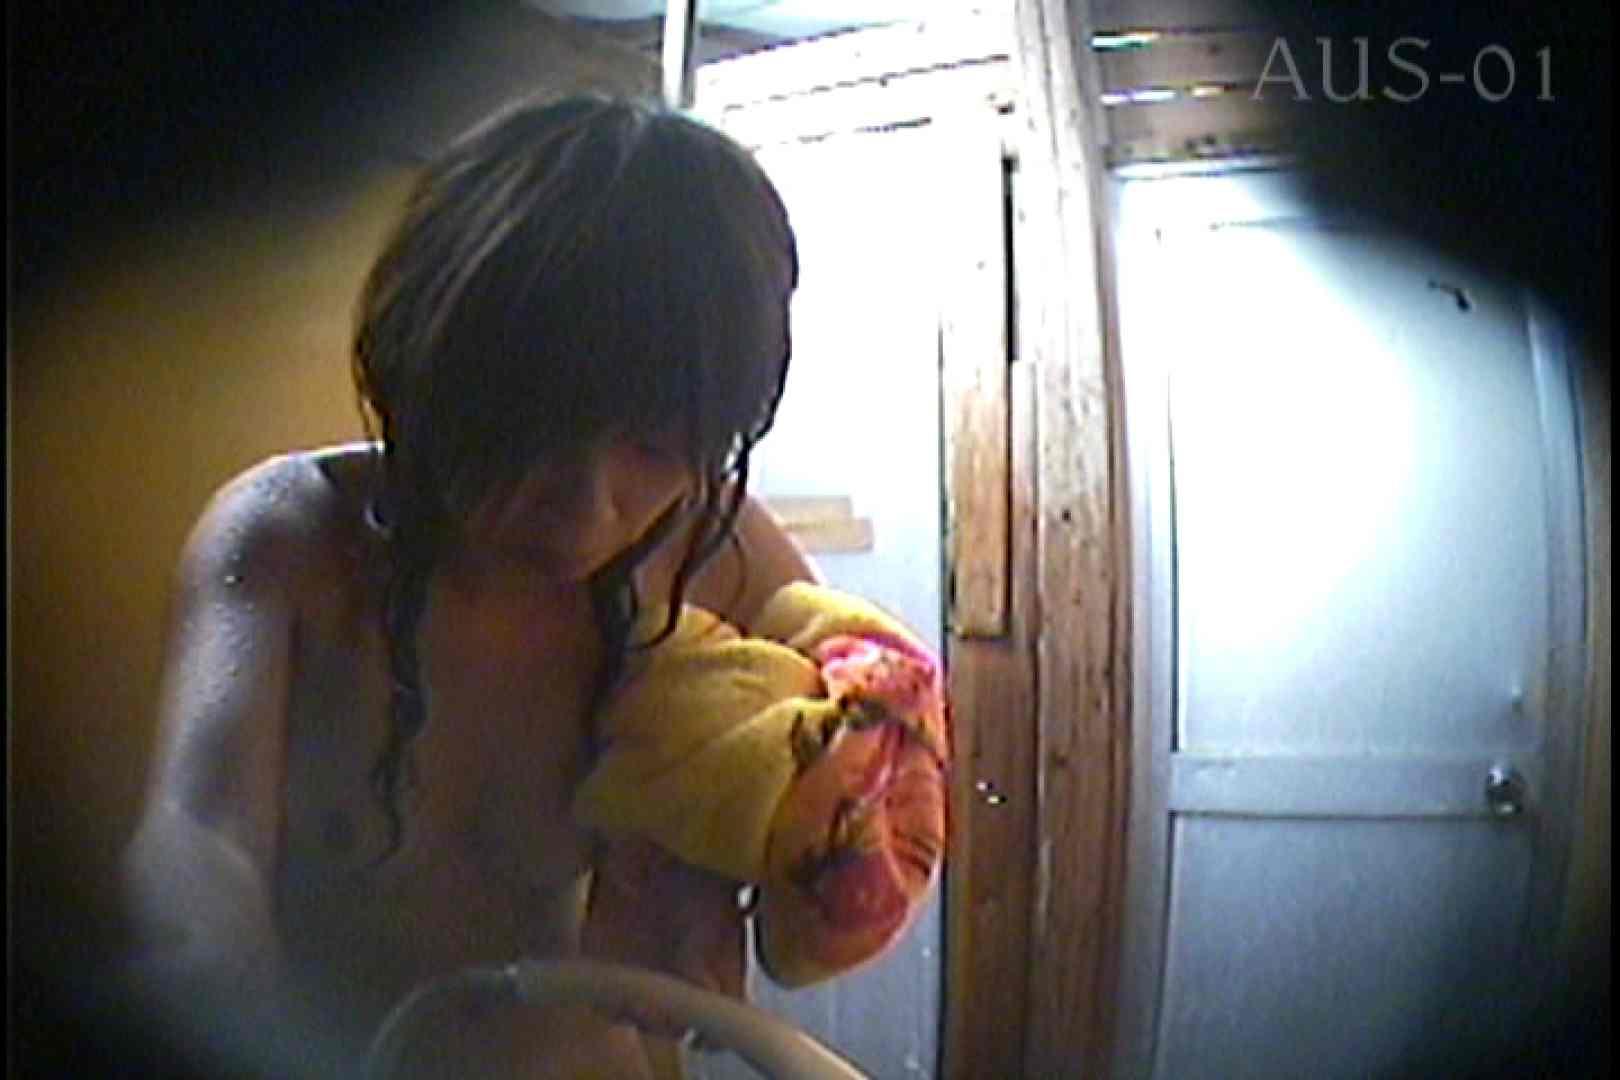 海の家の更衣室 Vol.01 Hな美女 戯れ無修正画像 88pic 53